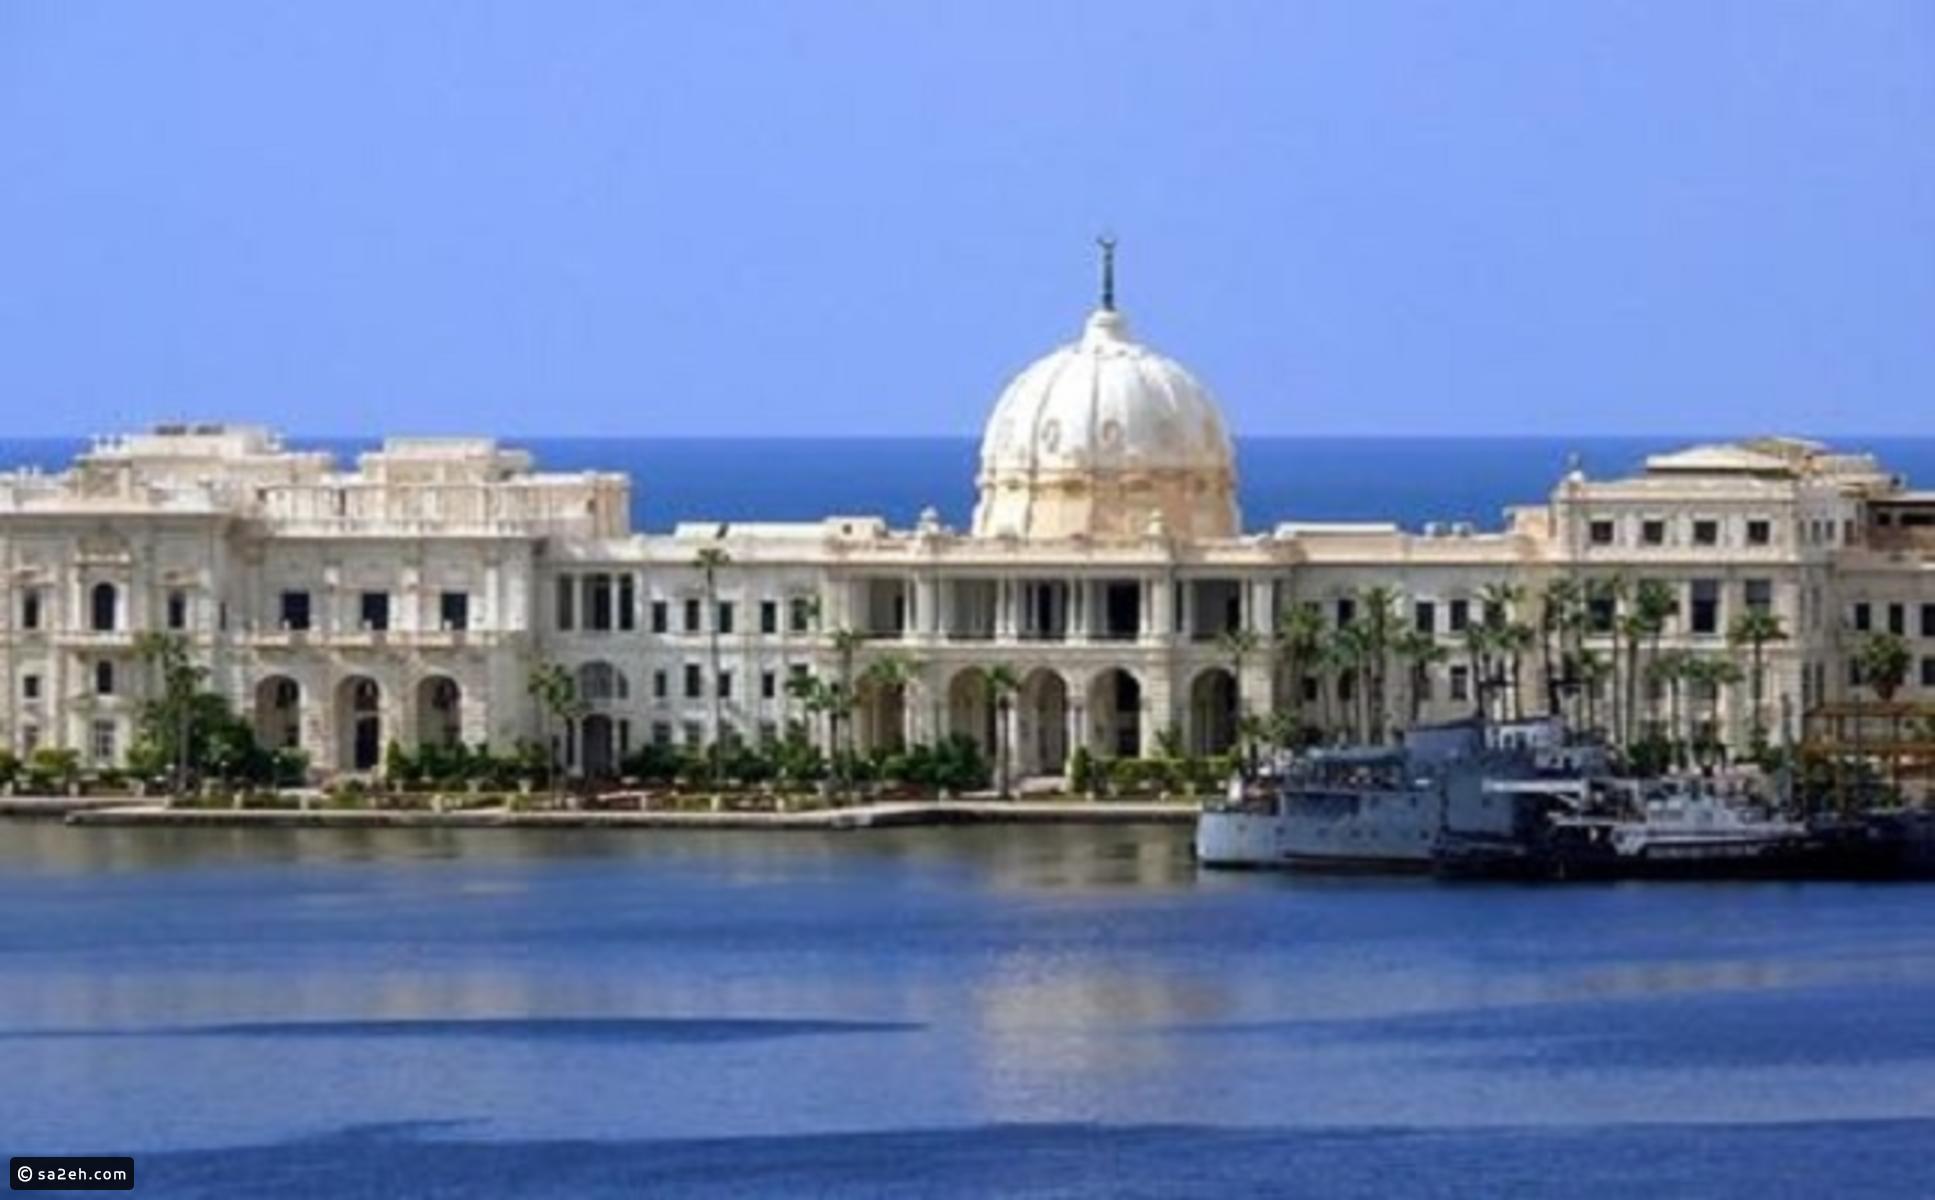 """بالصور ..  أماكن لم تشاهدها من قبل في مدينة الإسكندرية """"عروس البحر المتوسط"""""""